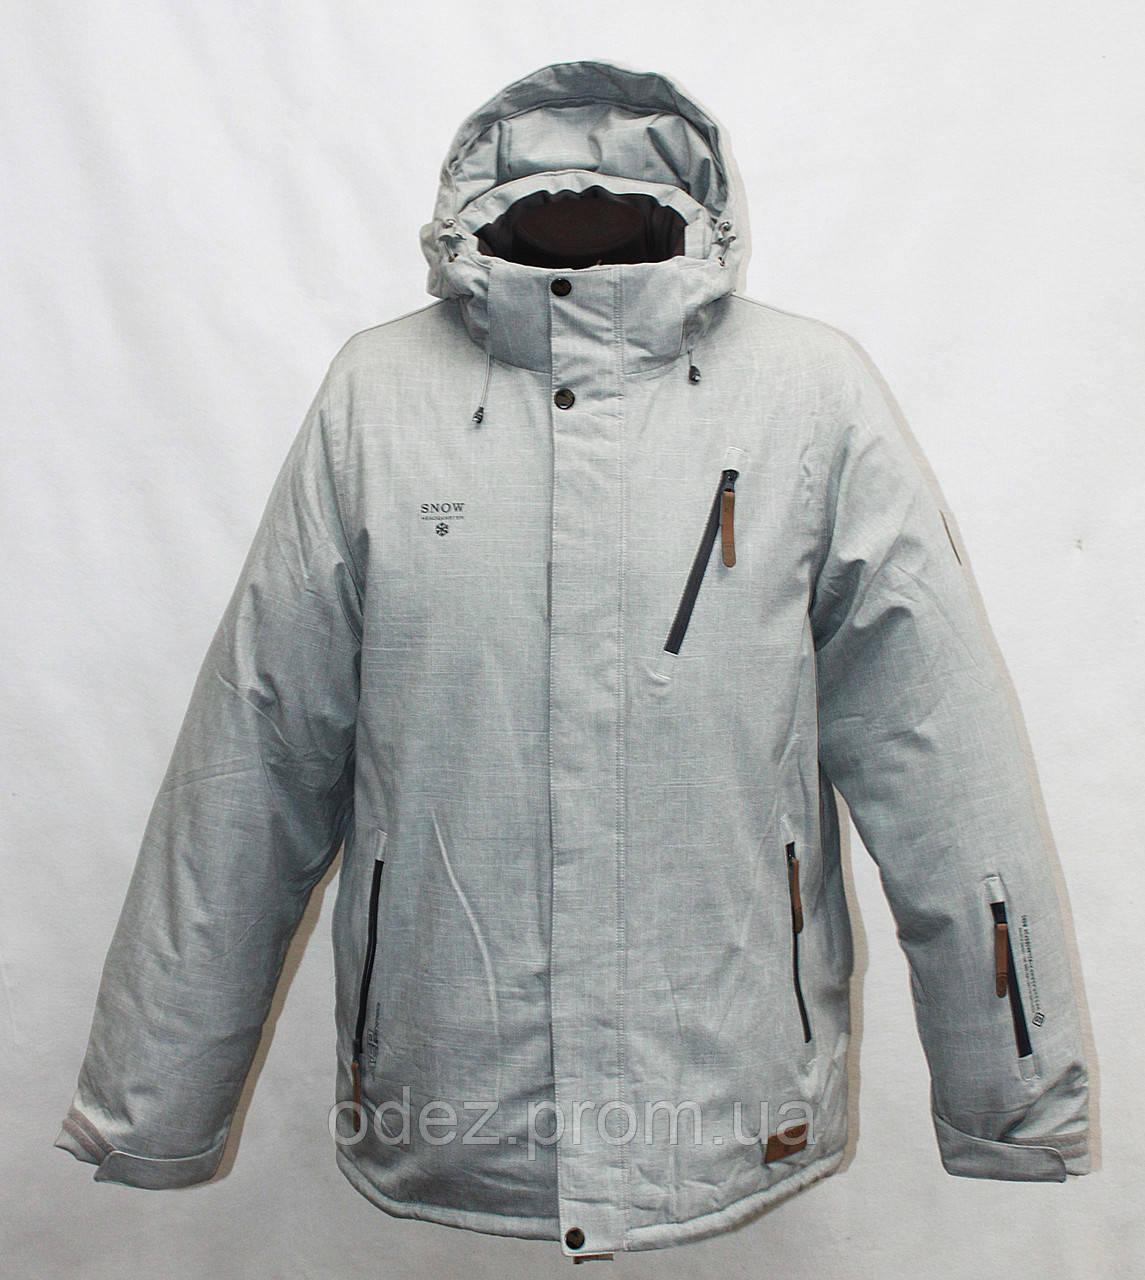 687929701e7ff Мужской горнолыжный (лыжный) костюм Snow headquarter c Omni-Heat -  Интернет-магазин